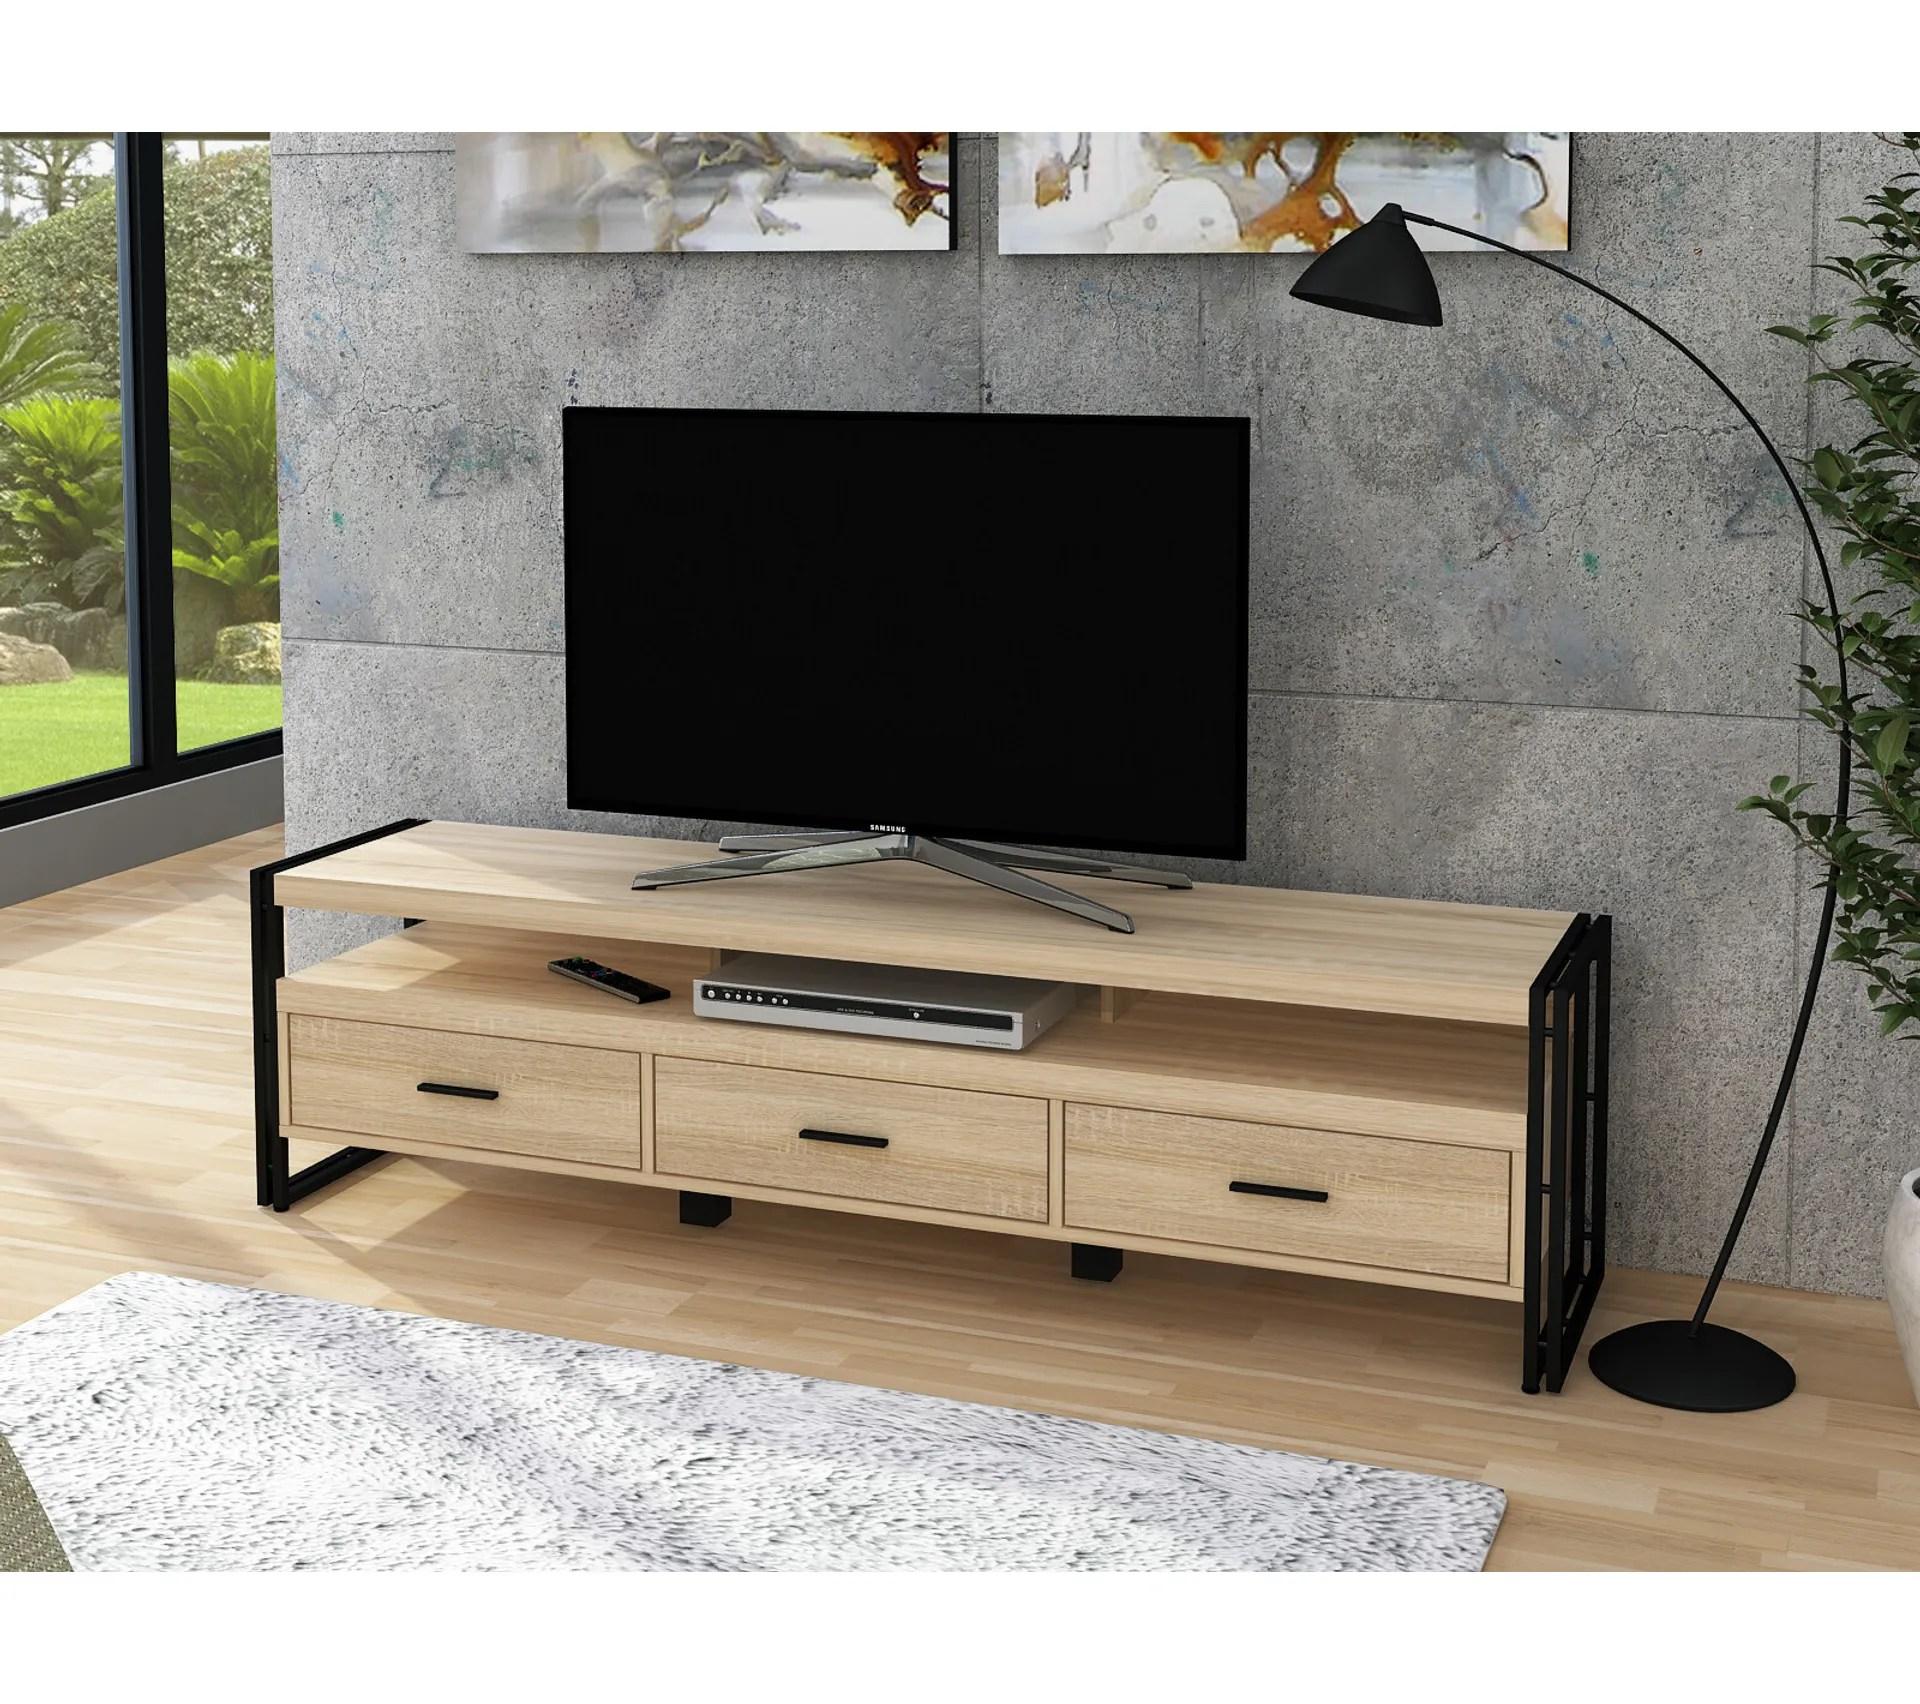 meuble tv style industriel parker 170 cm imitation chene et noir